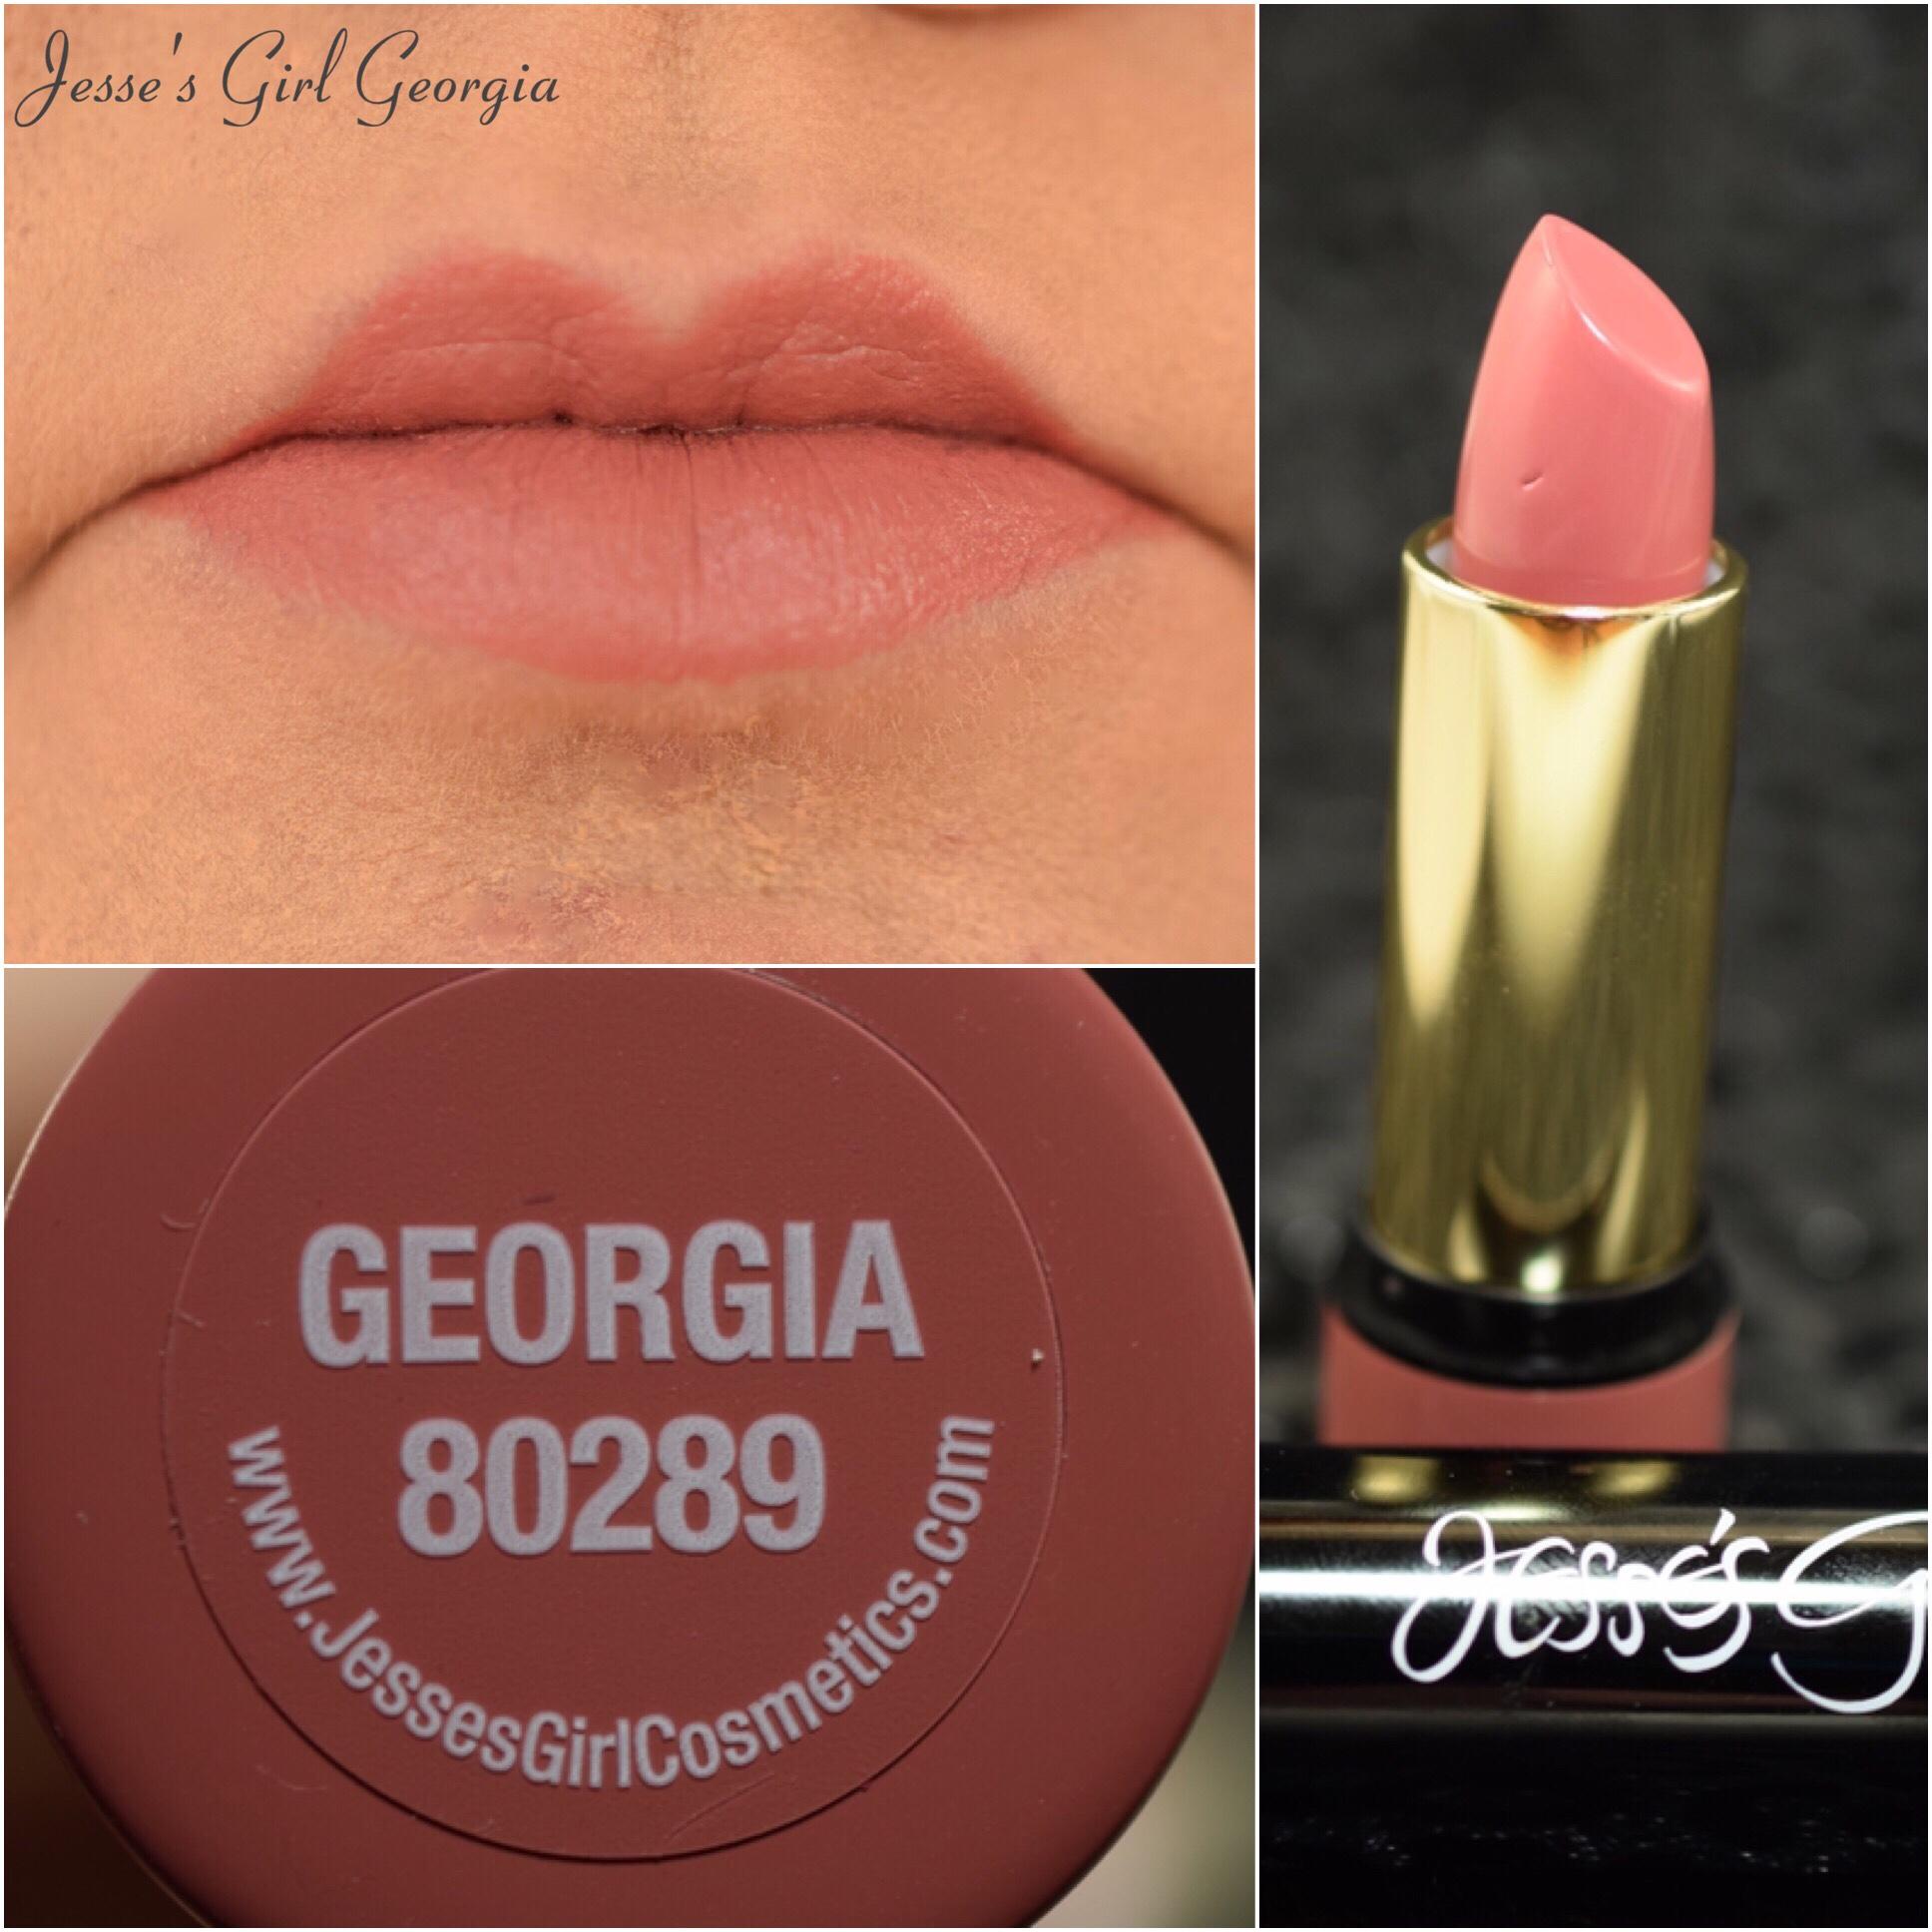 Jesse's Girl Georgia